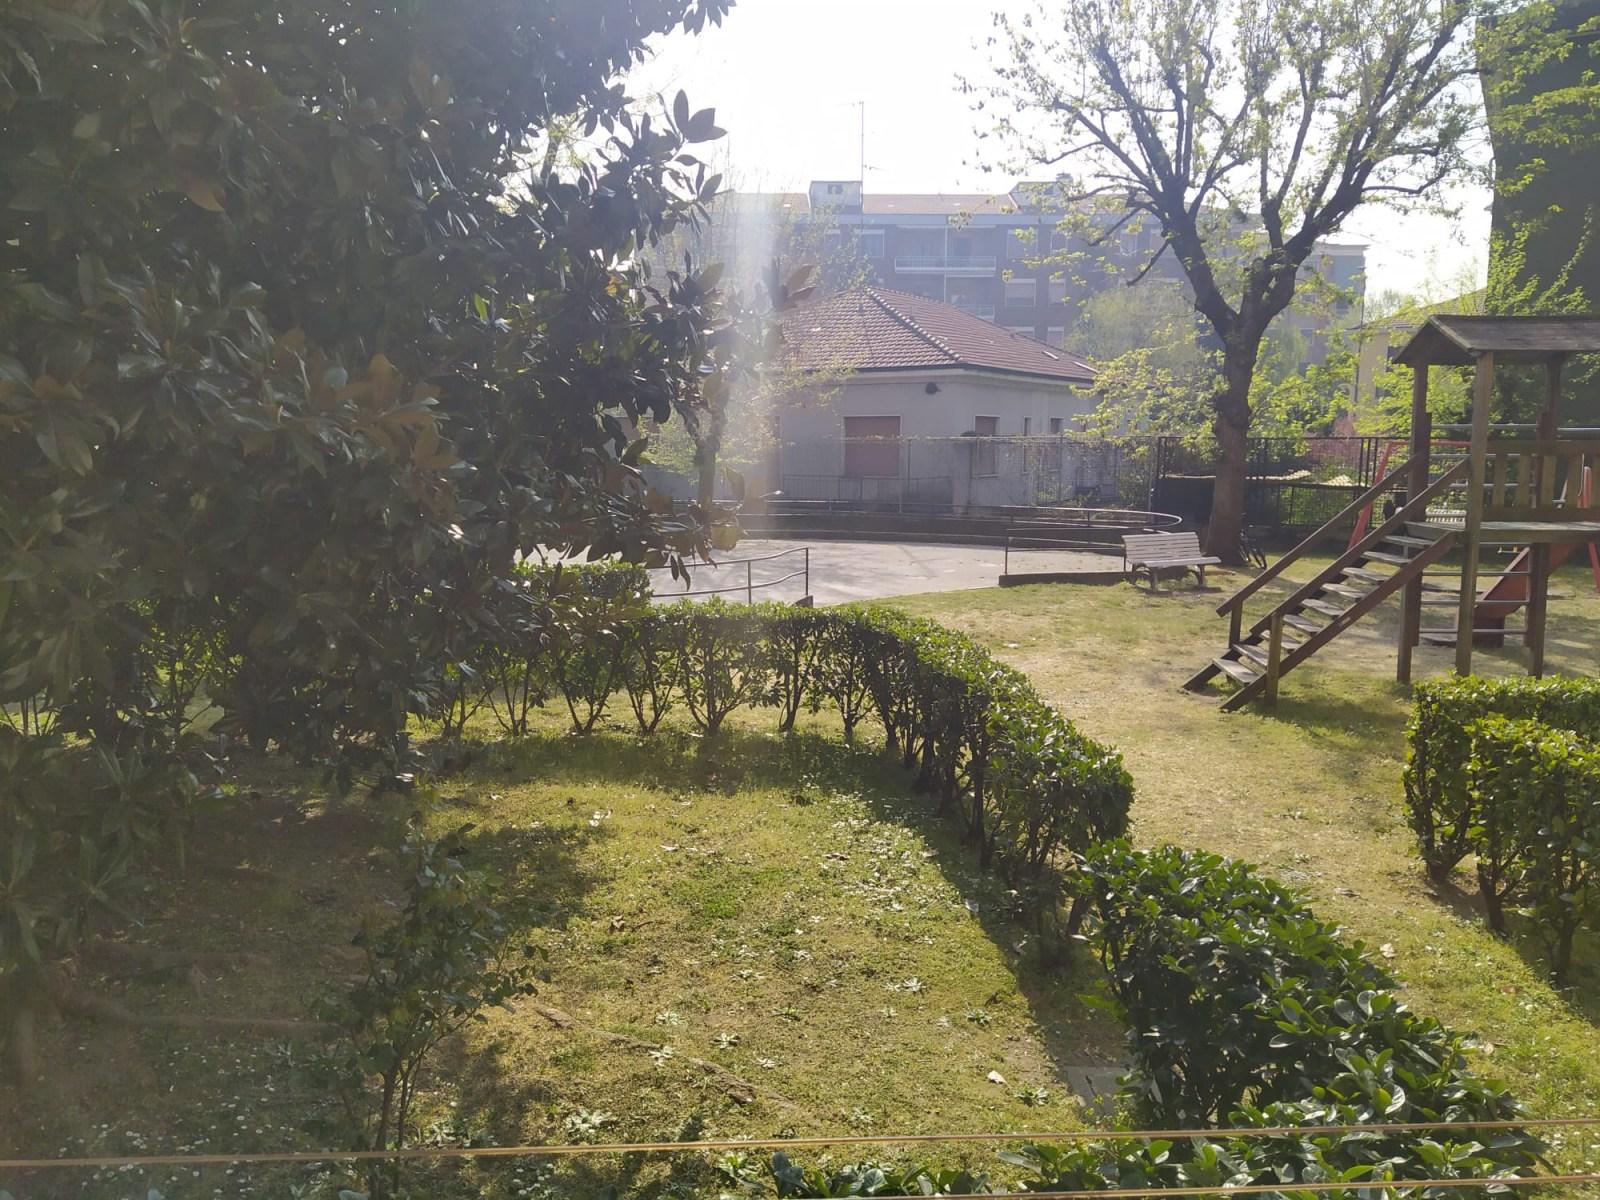 appartamento-in-vendita-a-milano-bagio-3-locali-via-cabella-spaziourbano-immobiliare-vende-24